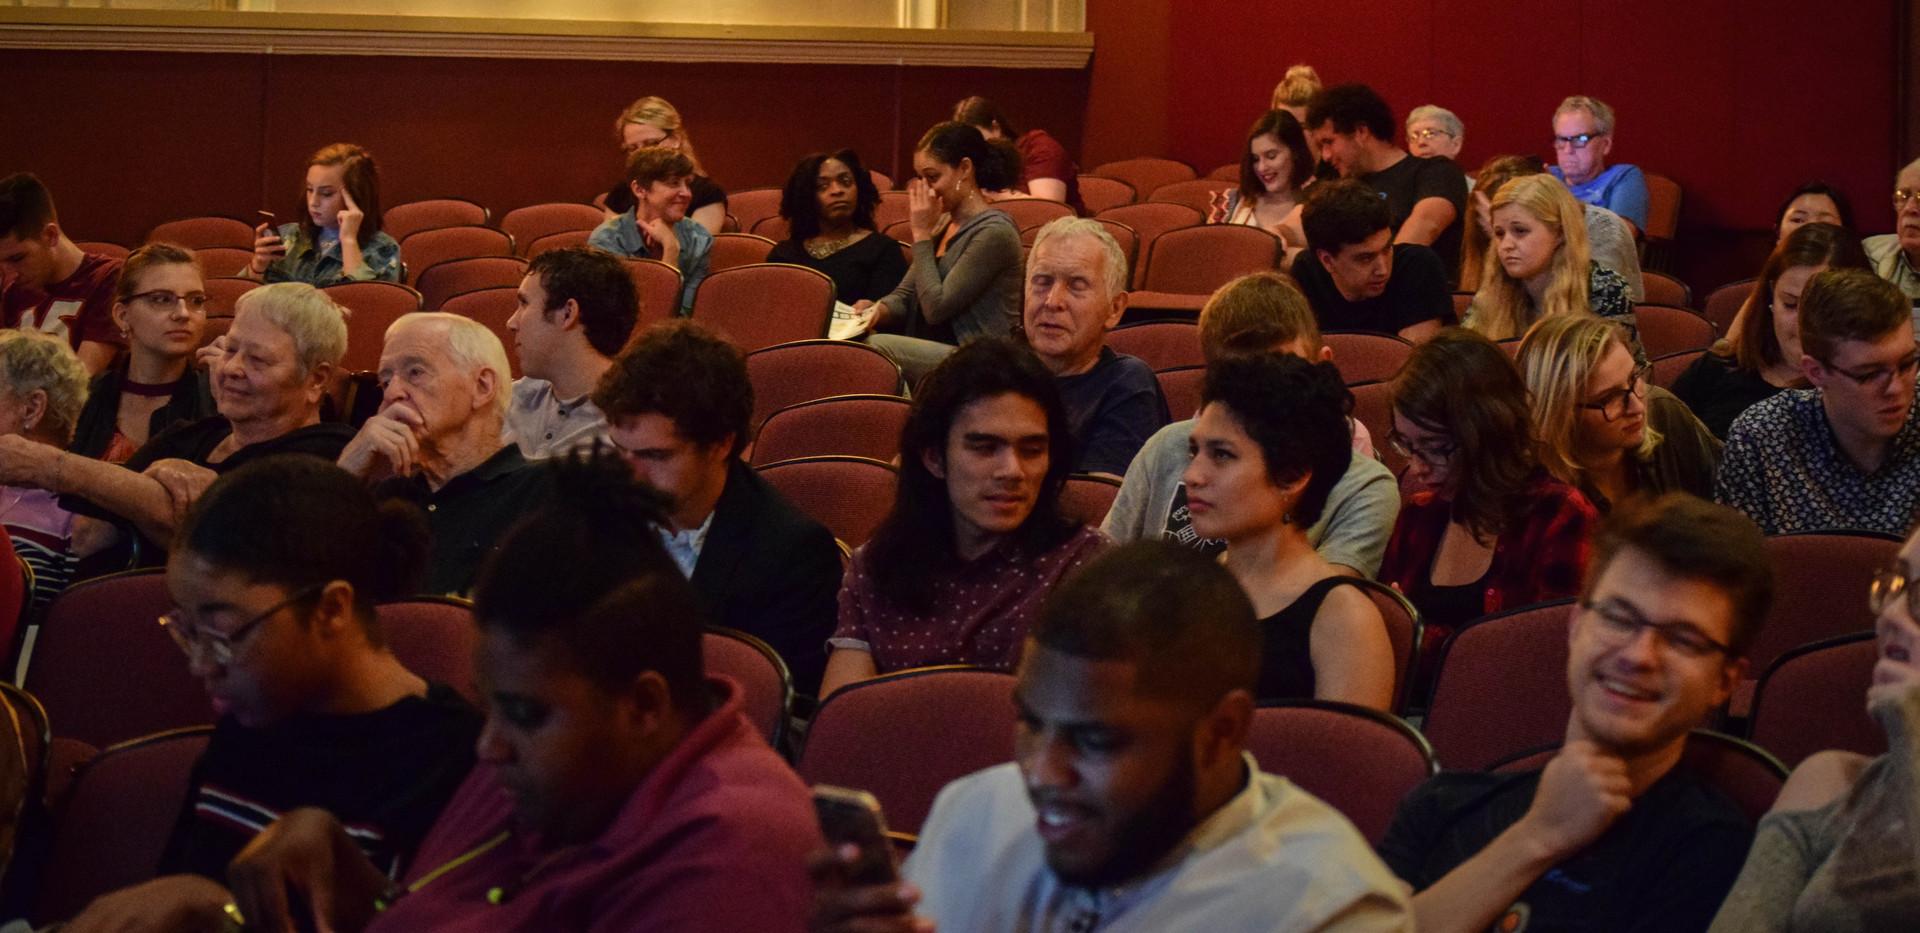 Patrons awaiting the start of the 2018 Progeny Short Film Festival